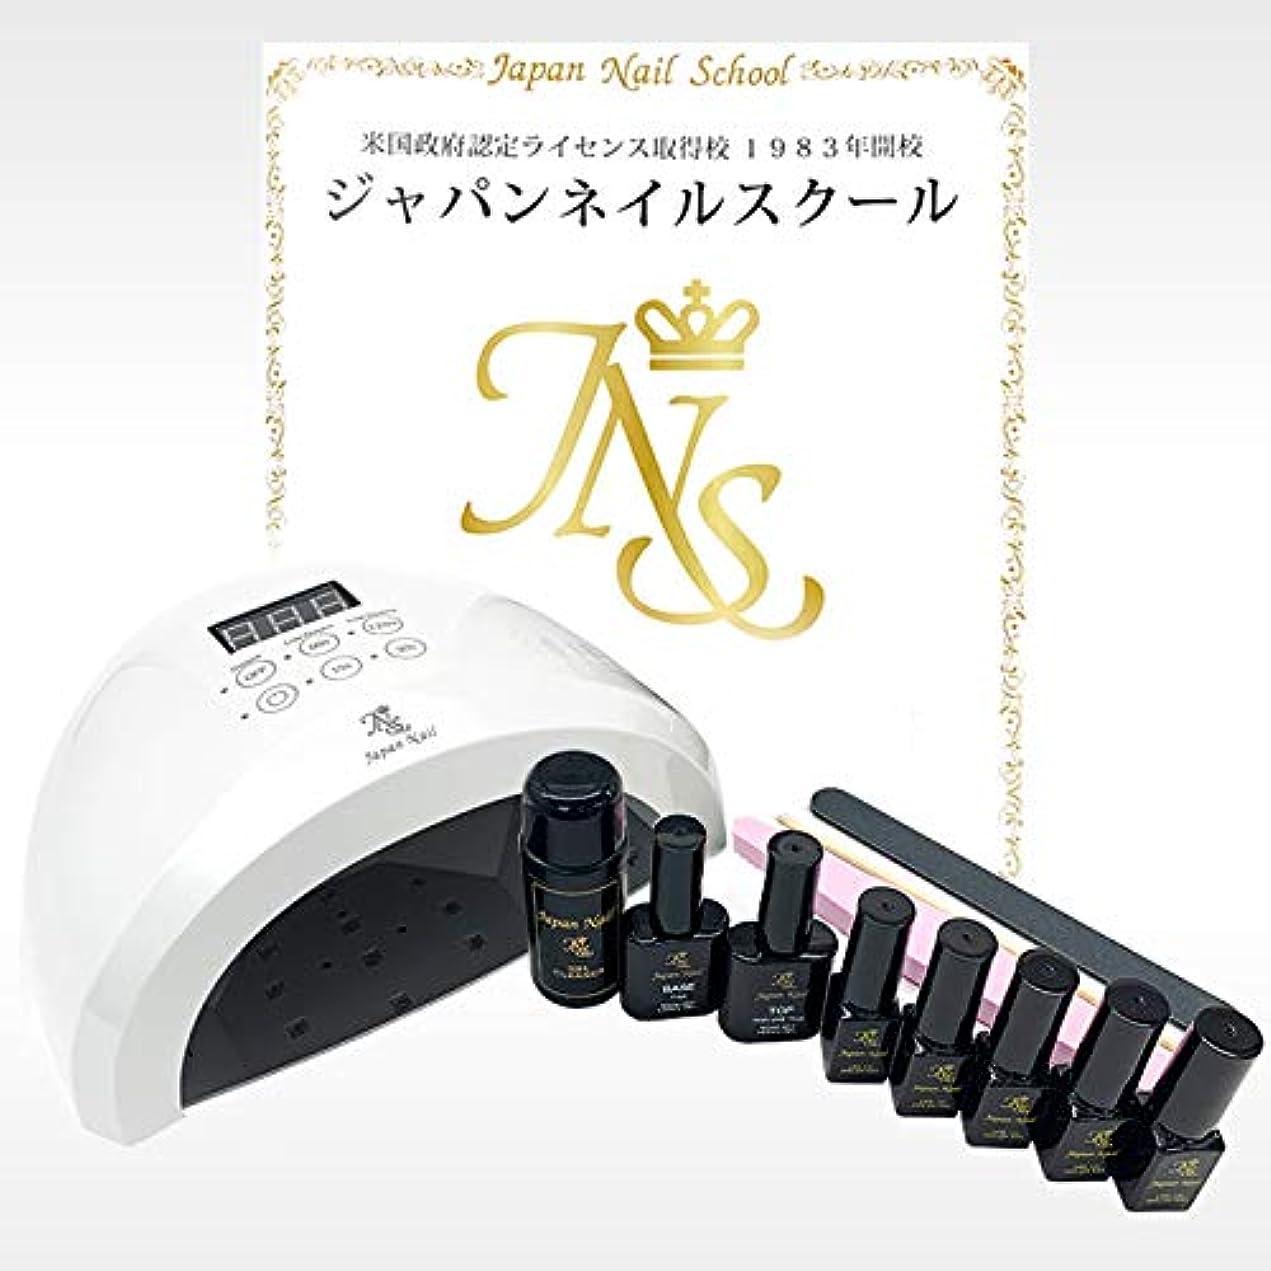 罰するトン消毒剤日本製多機能LEDライト付属ジェルネイルキットn2世界初!弱爪?傷爪でもジェルネイルが楽しめる2つのローダウン機能搭載!初心者も安心の5年間サポート付